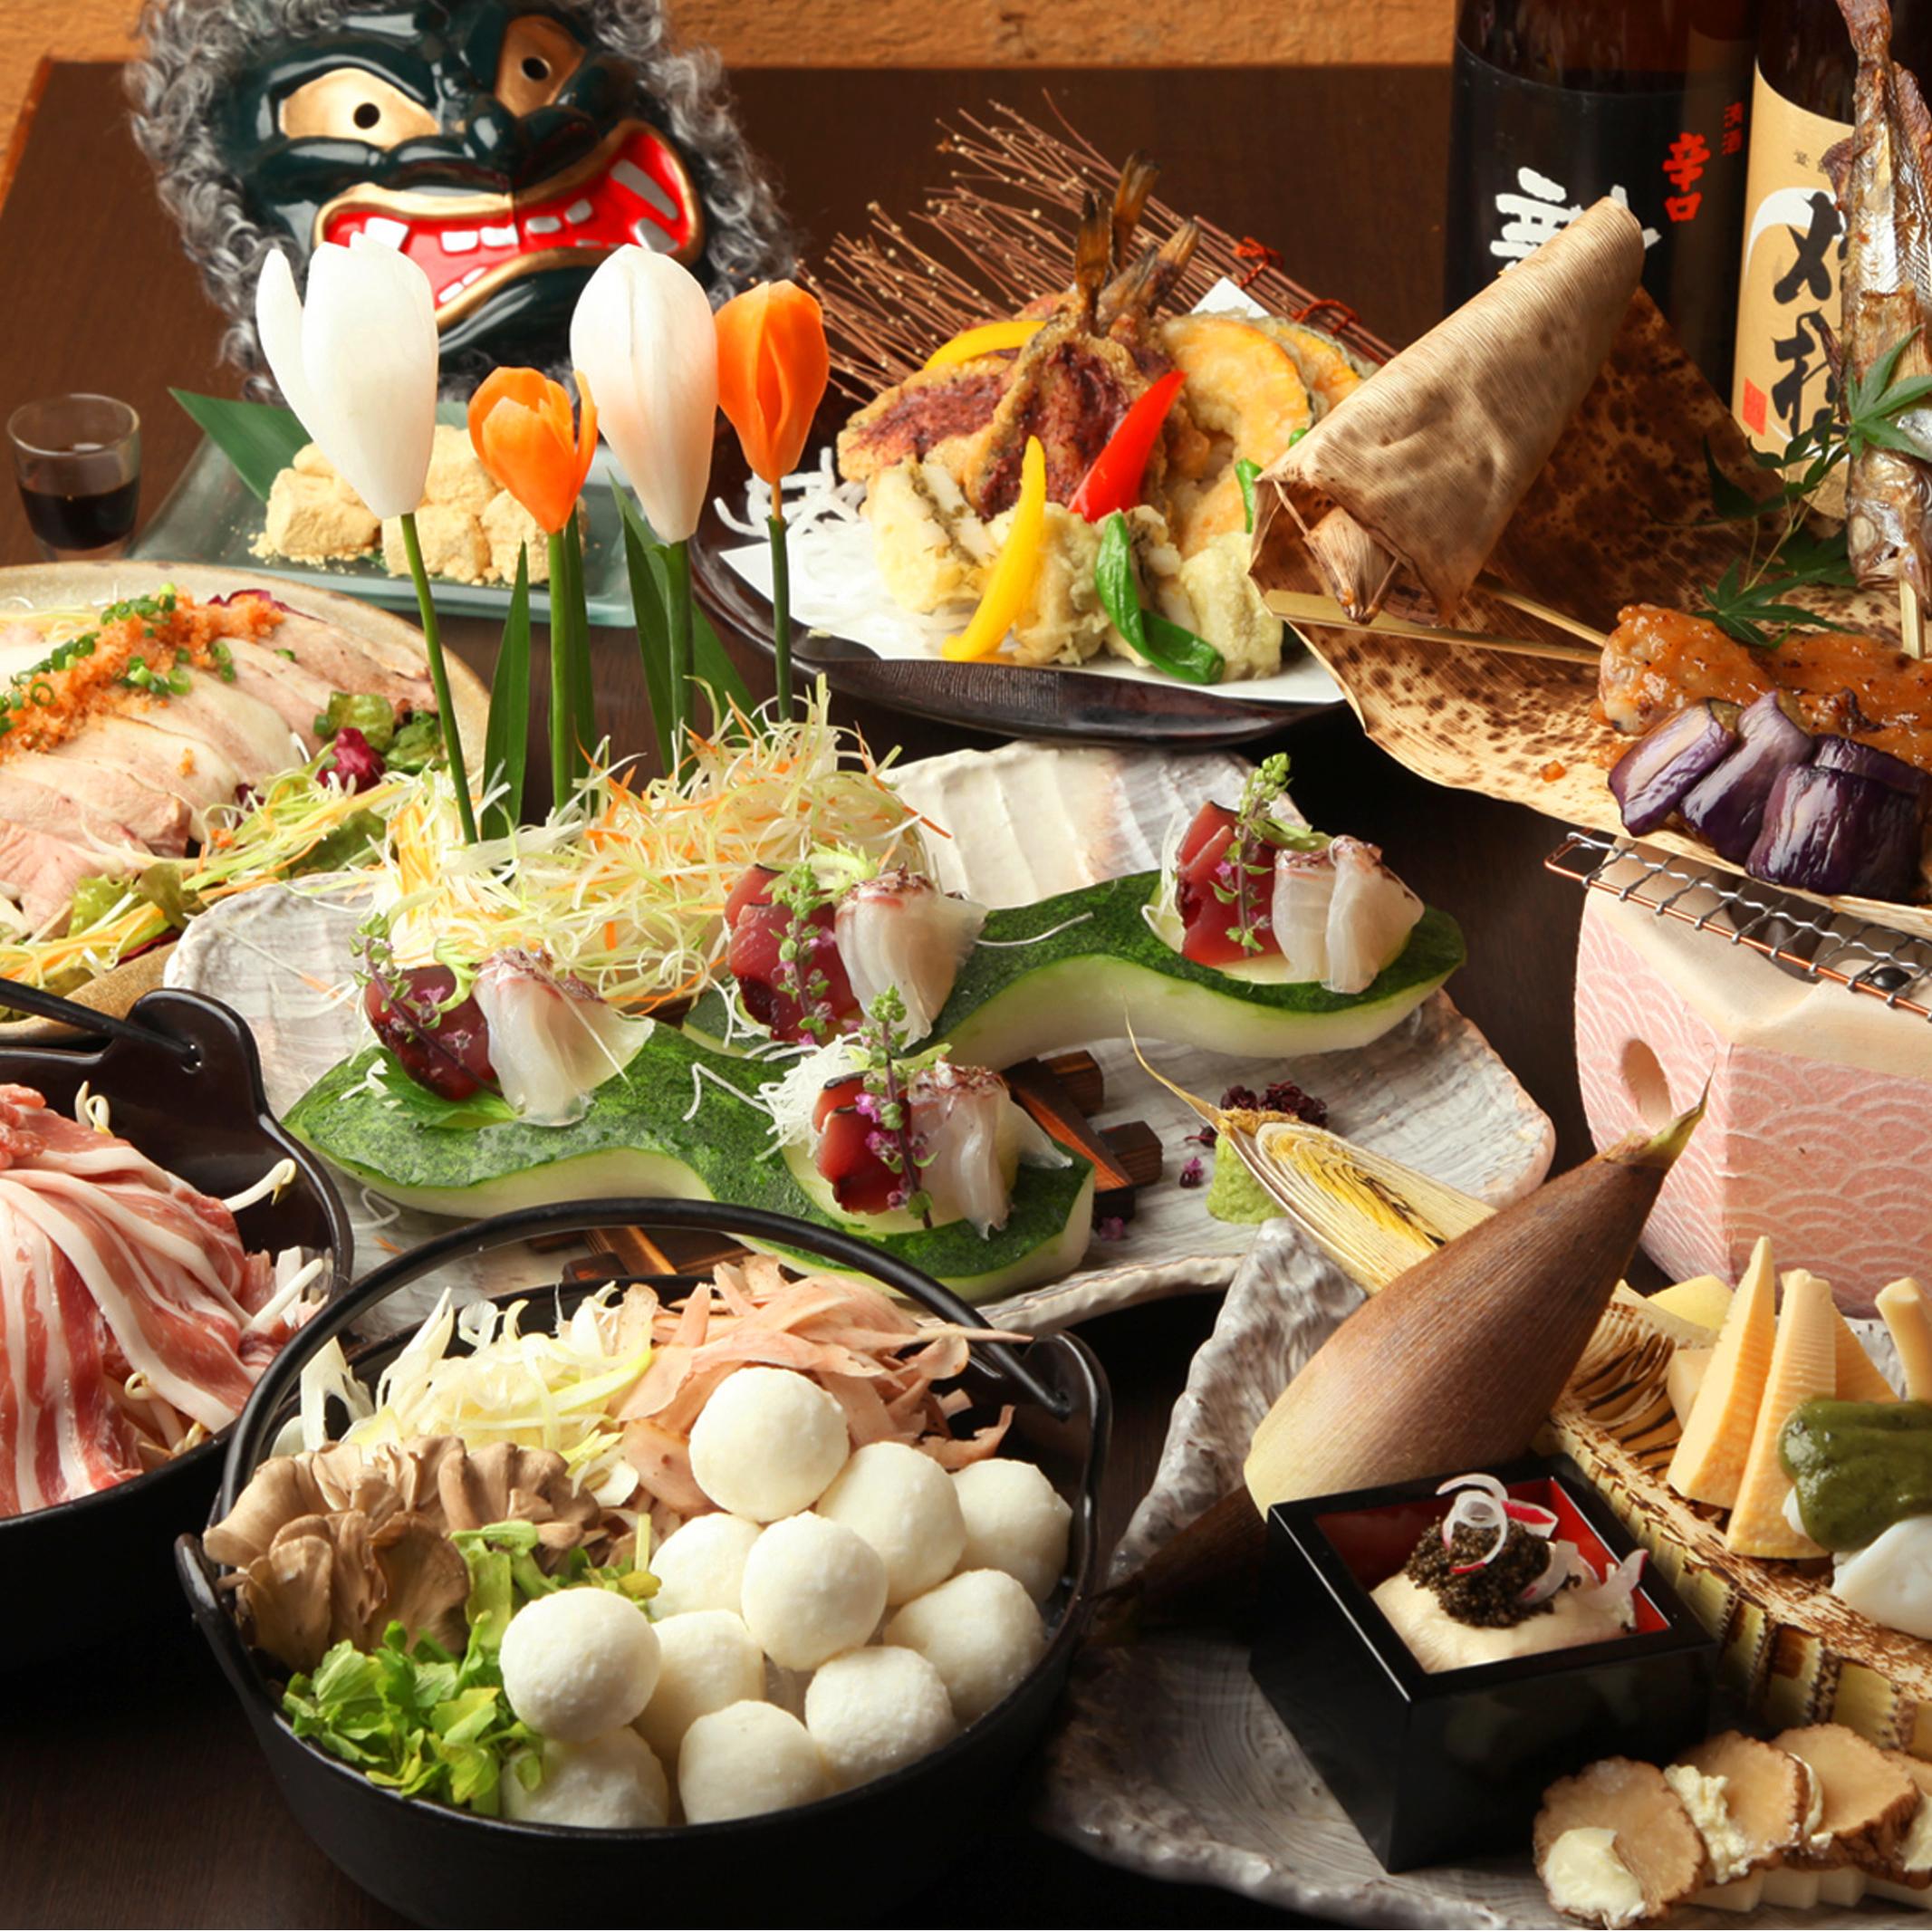 [2時間豪華飲み放題] 1番人気 秋田地酒×名物だまこ鍋×ハタハタ焼き9品